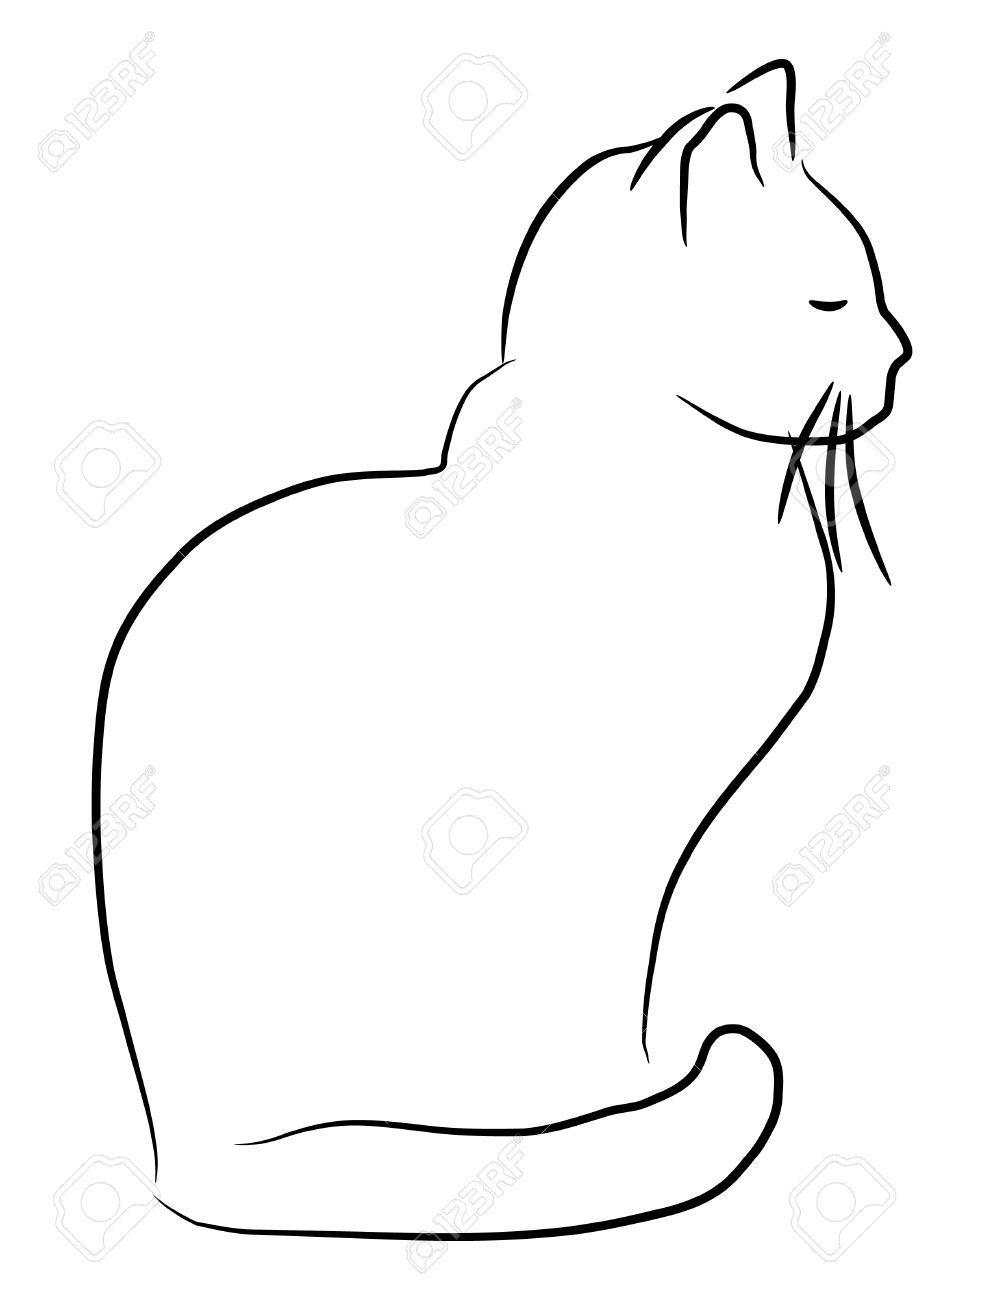 Раскраски кота контур кота спящий кот